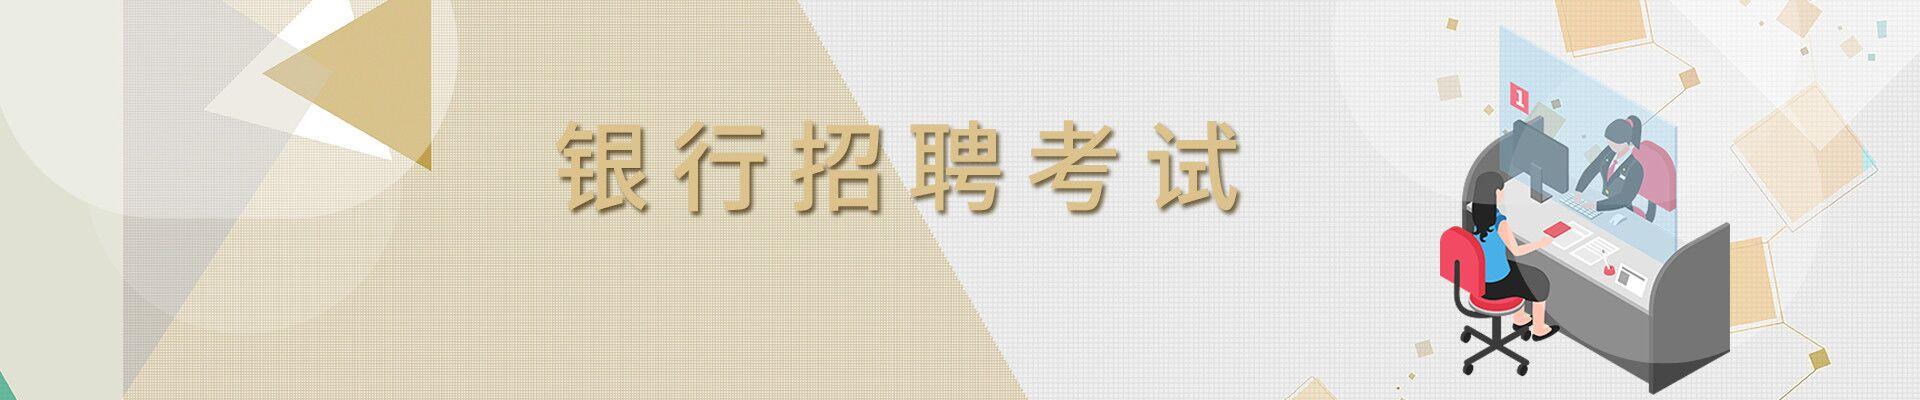 成都高顿财经温江校区